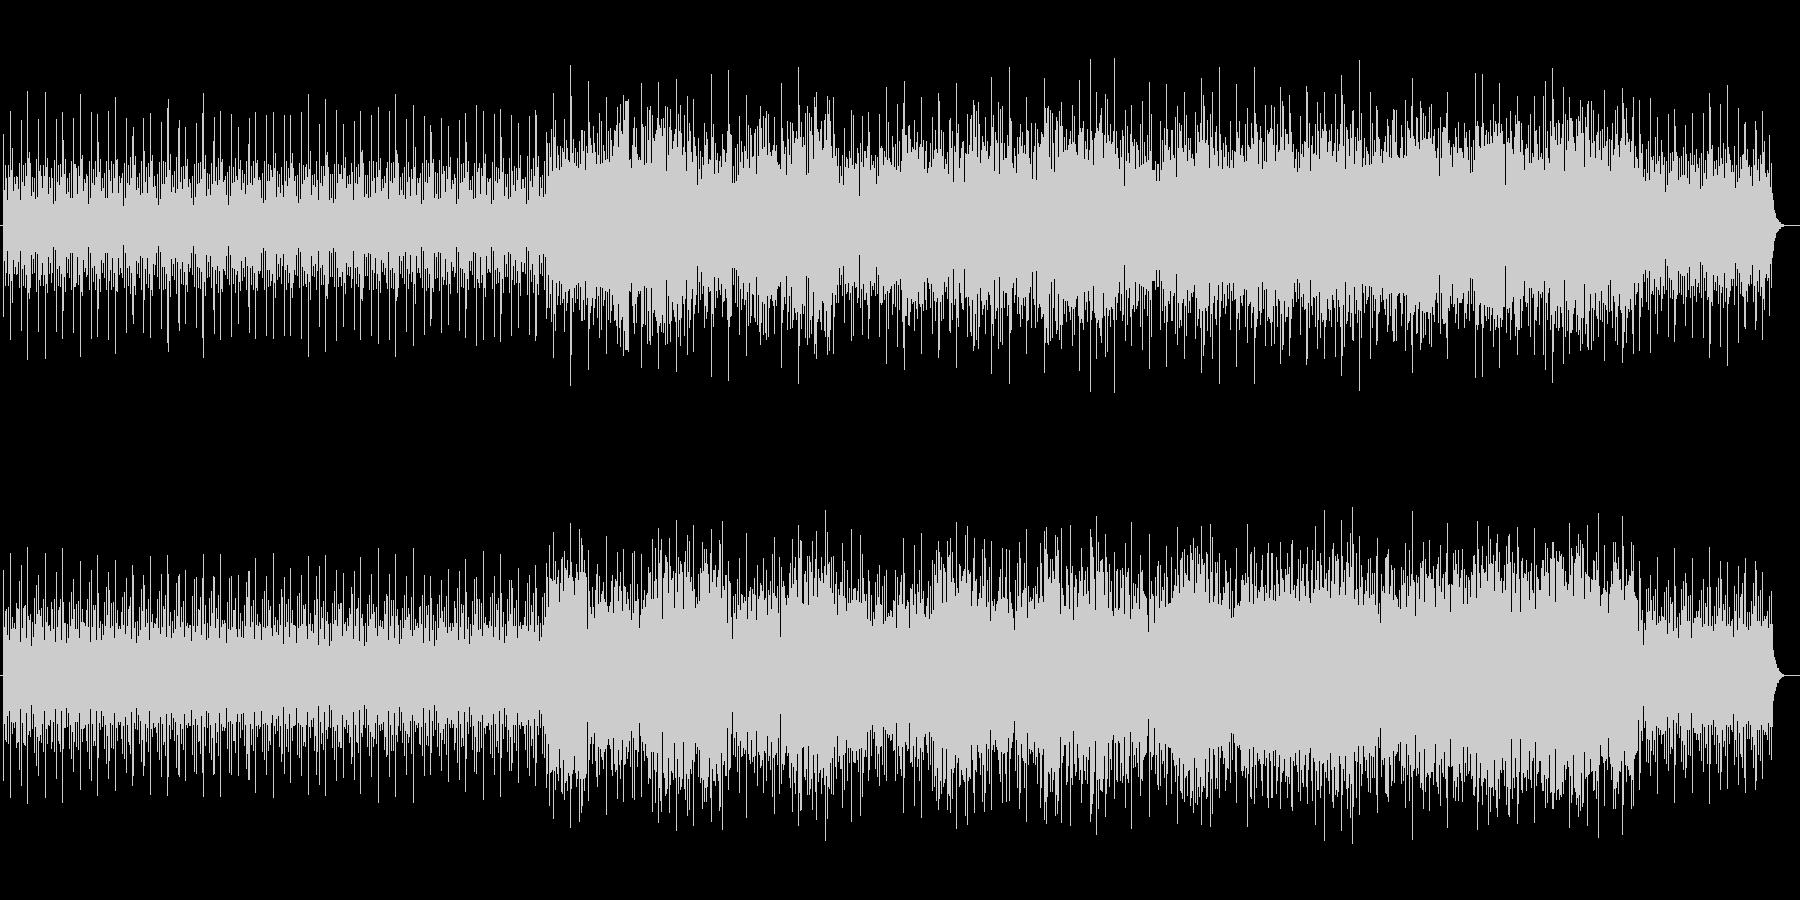 透明感のある鉄琴サウンドの未再生の波形